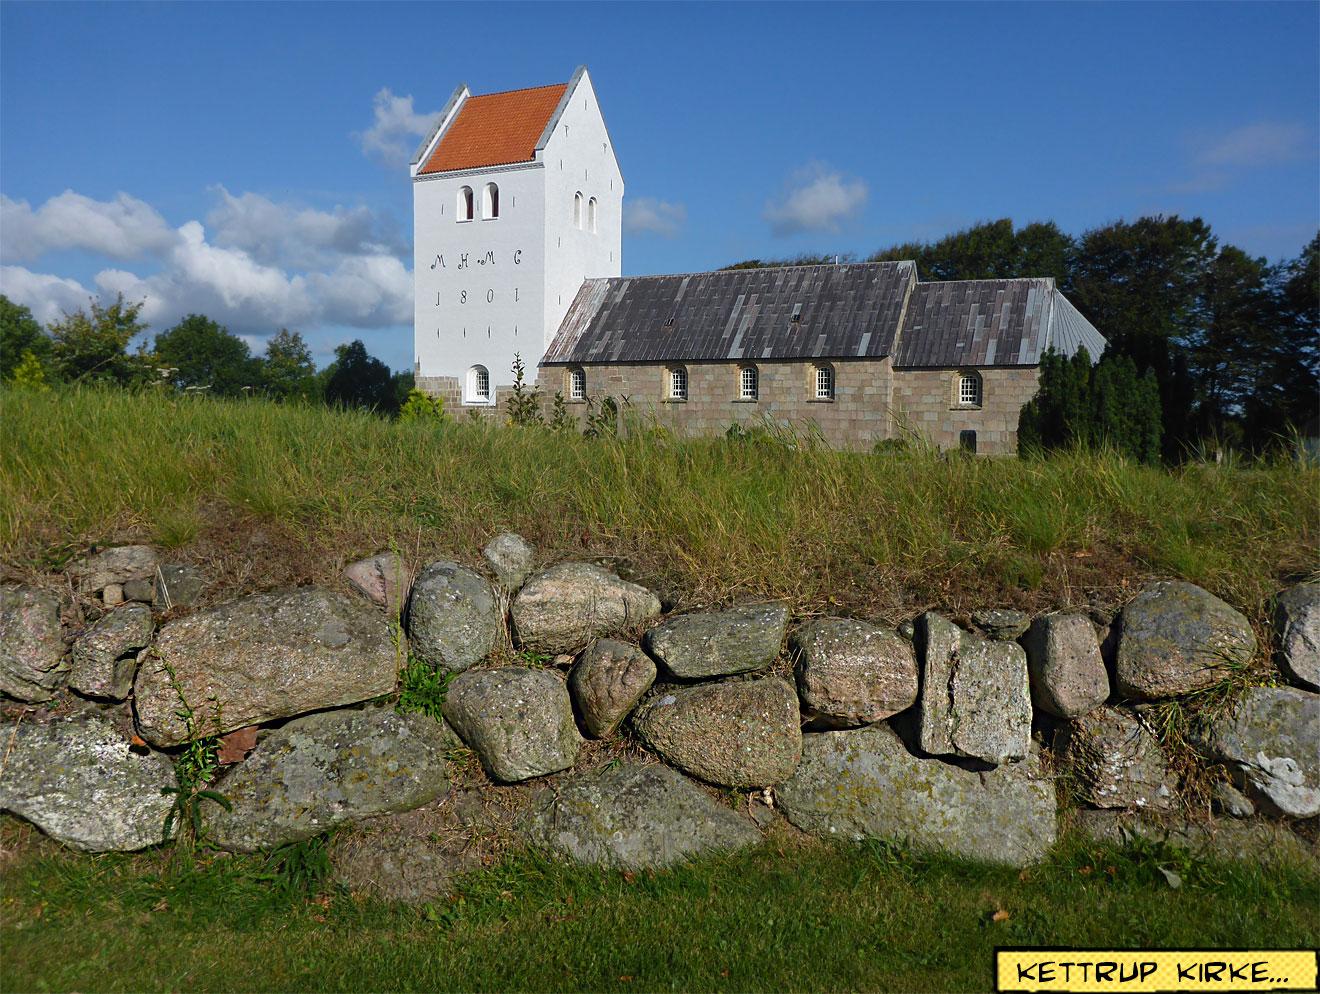 Kettrup Kirche